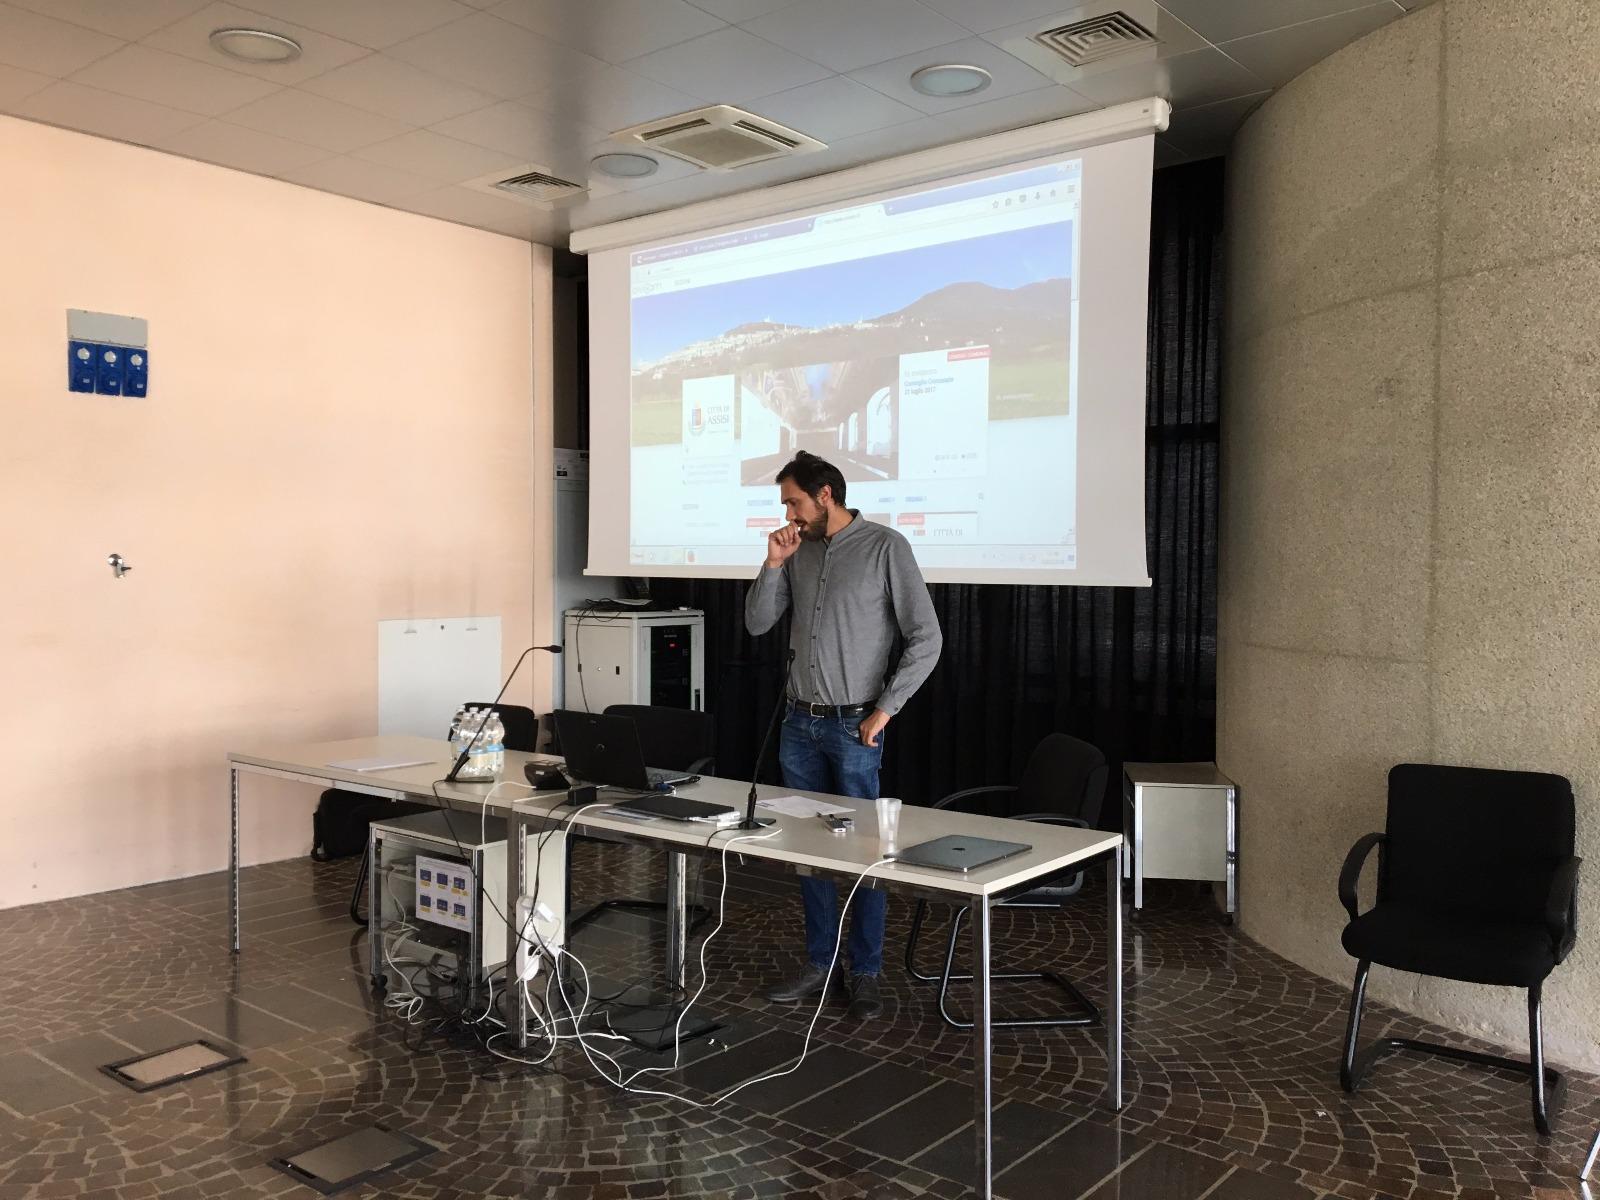 World Plone Day 2018: CiviCam si relaziona con enti pubblici e privati